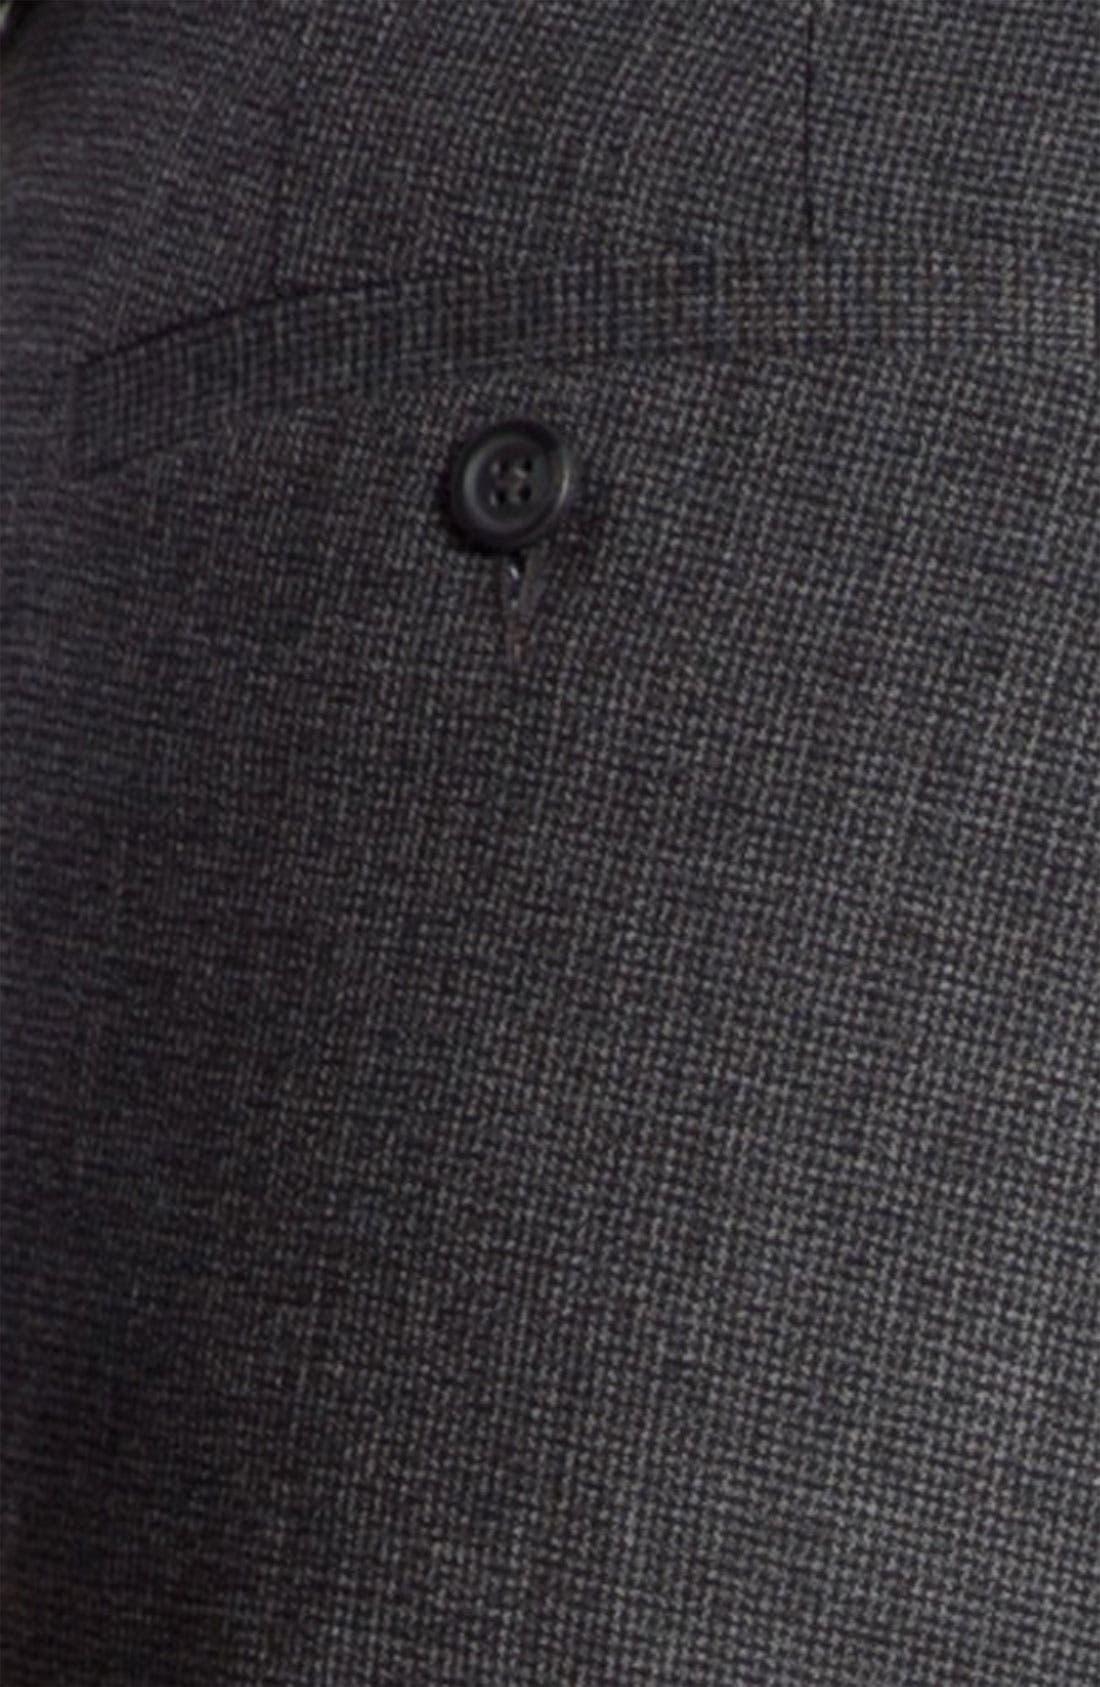 Alternate Image 3  - Peter Millar Wool Check Pants